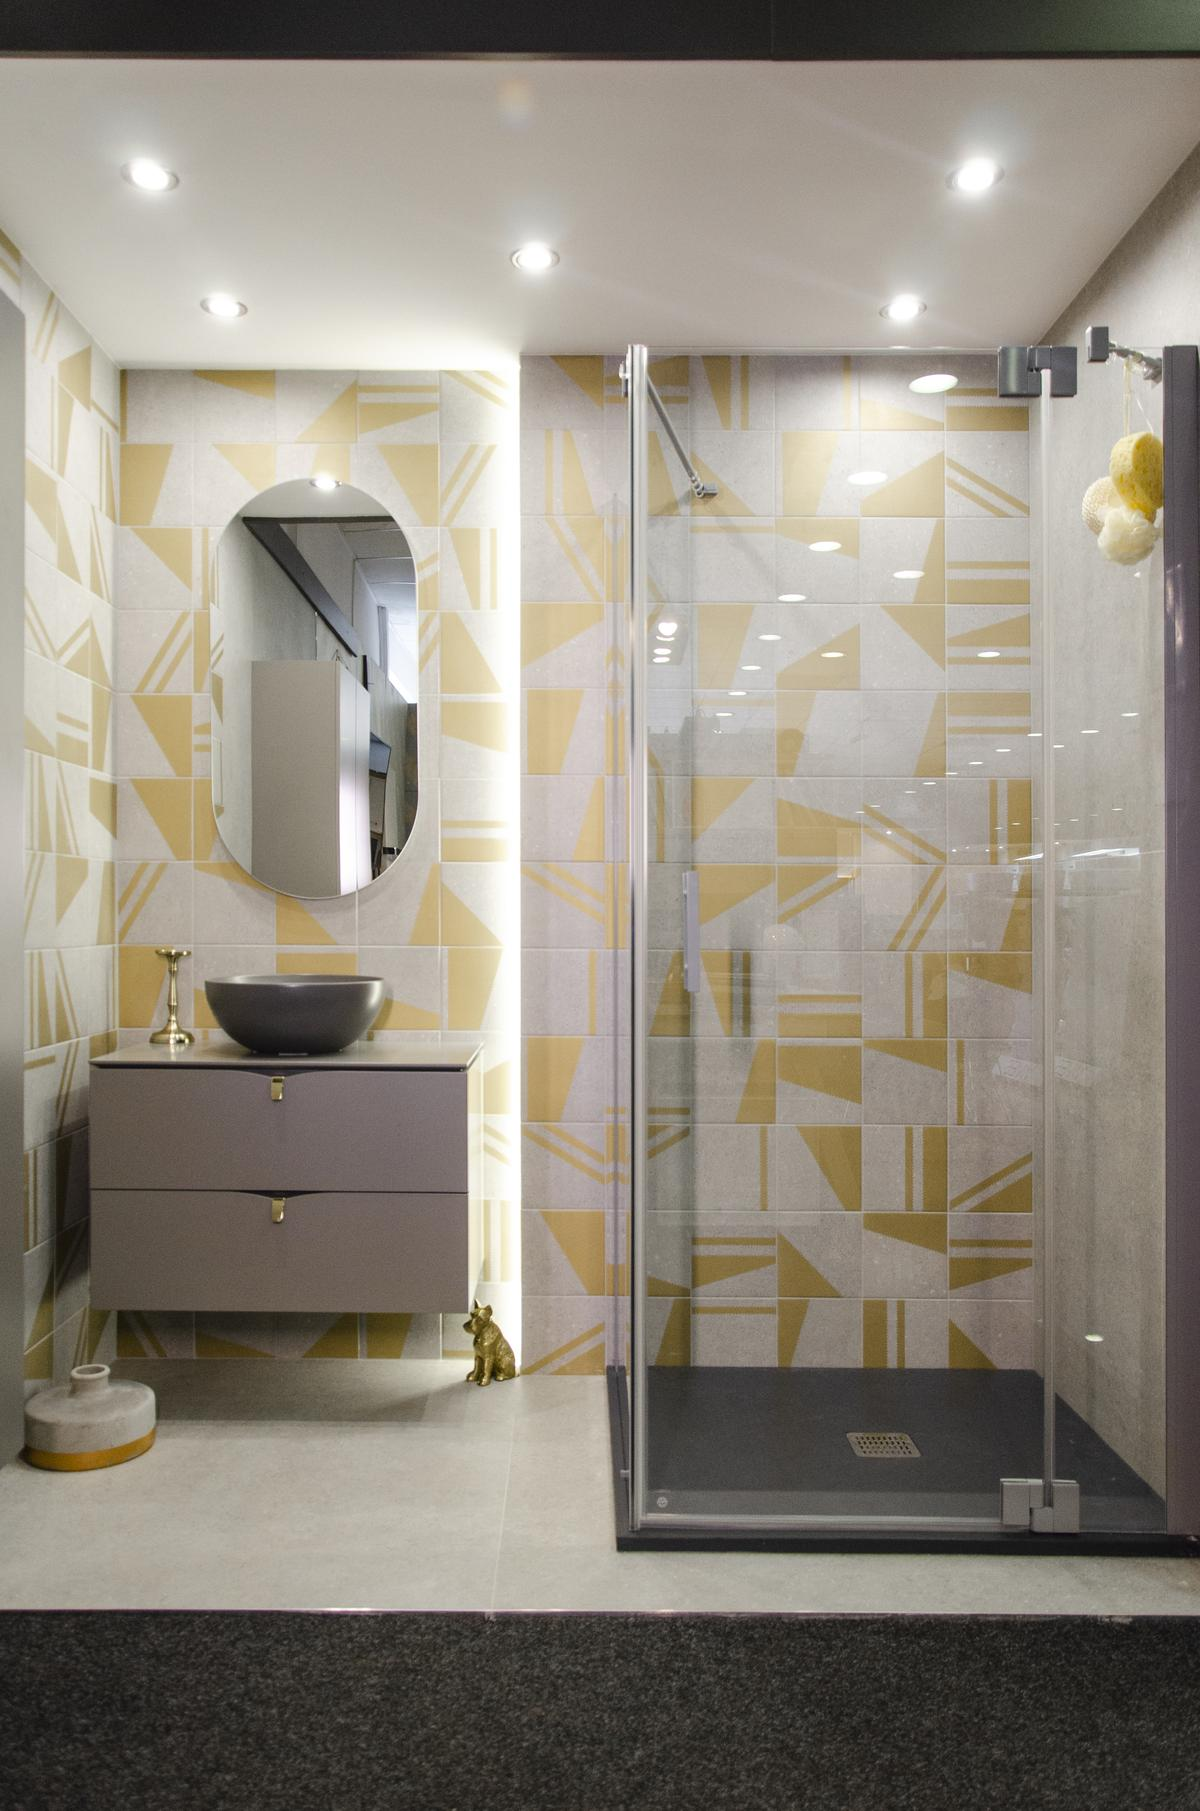 Aranżacja nowoczesnej biało-żółtej łazienki z kabiną prysznicową - zdjęcie od BLU salon łazienek Koszalin